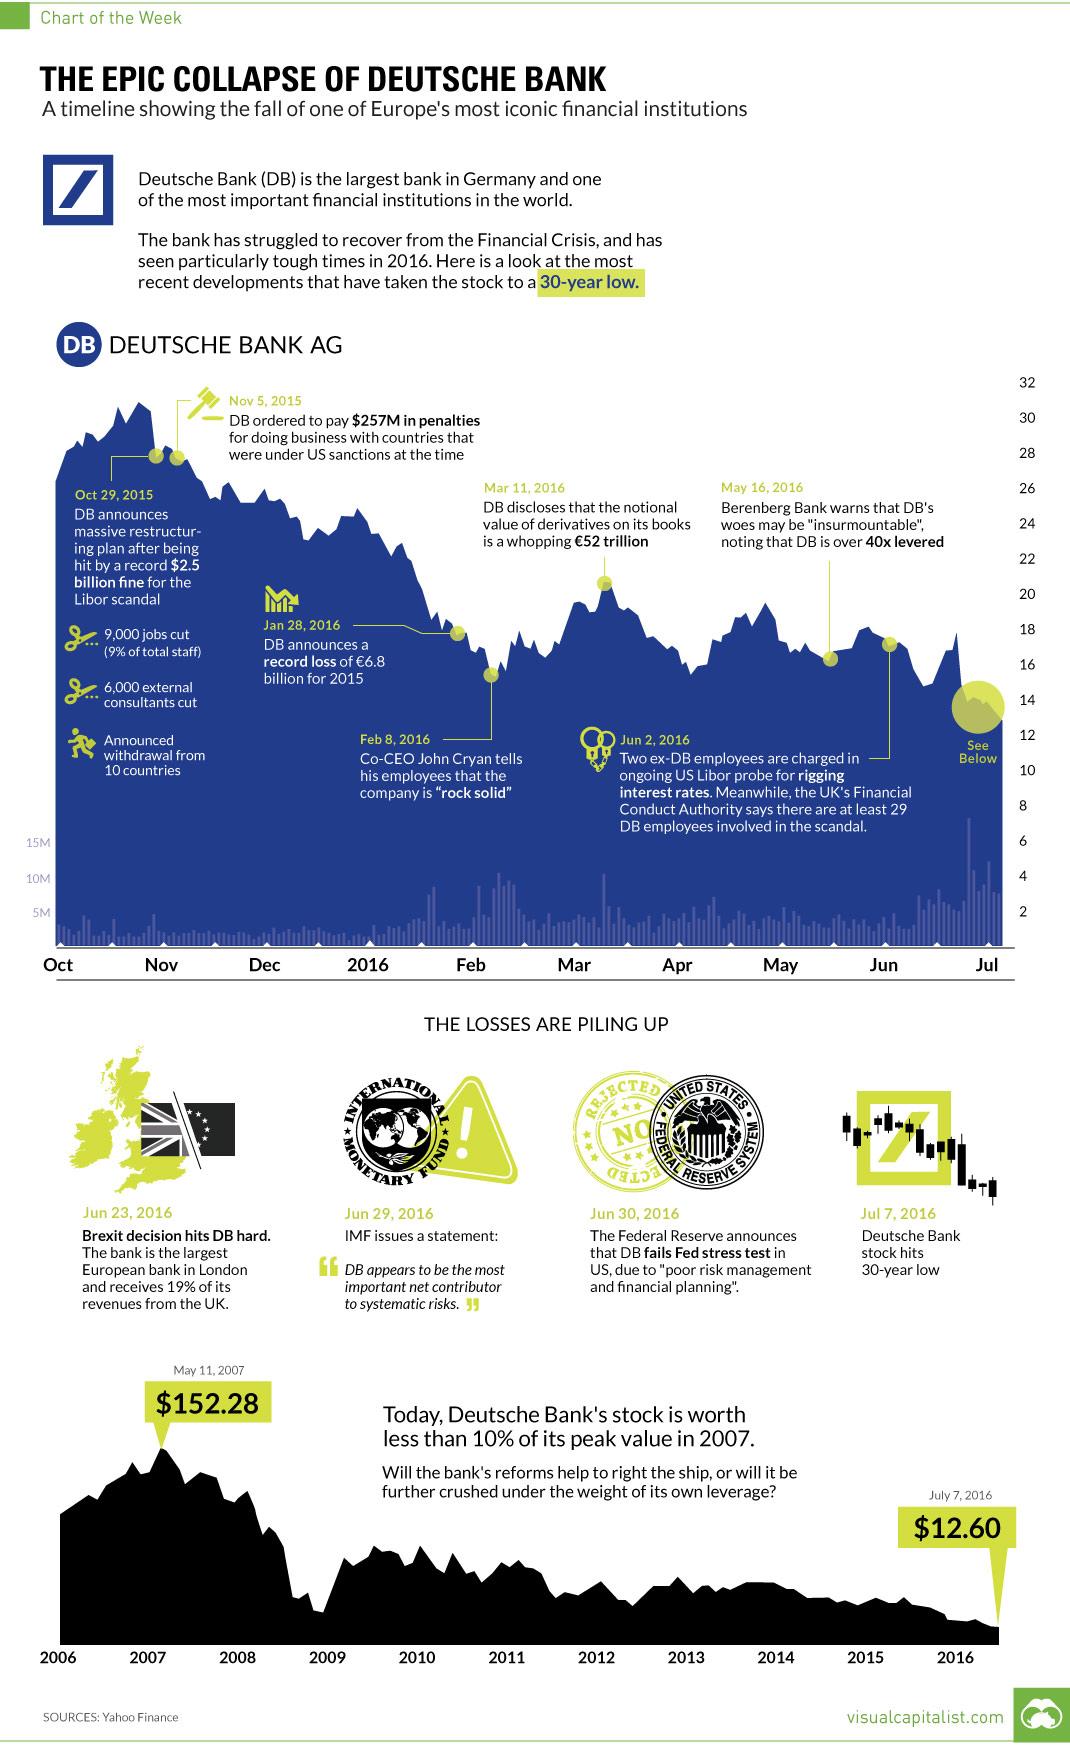 deutsche-bank-fall-chart